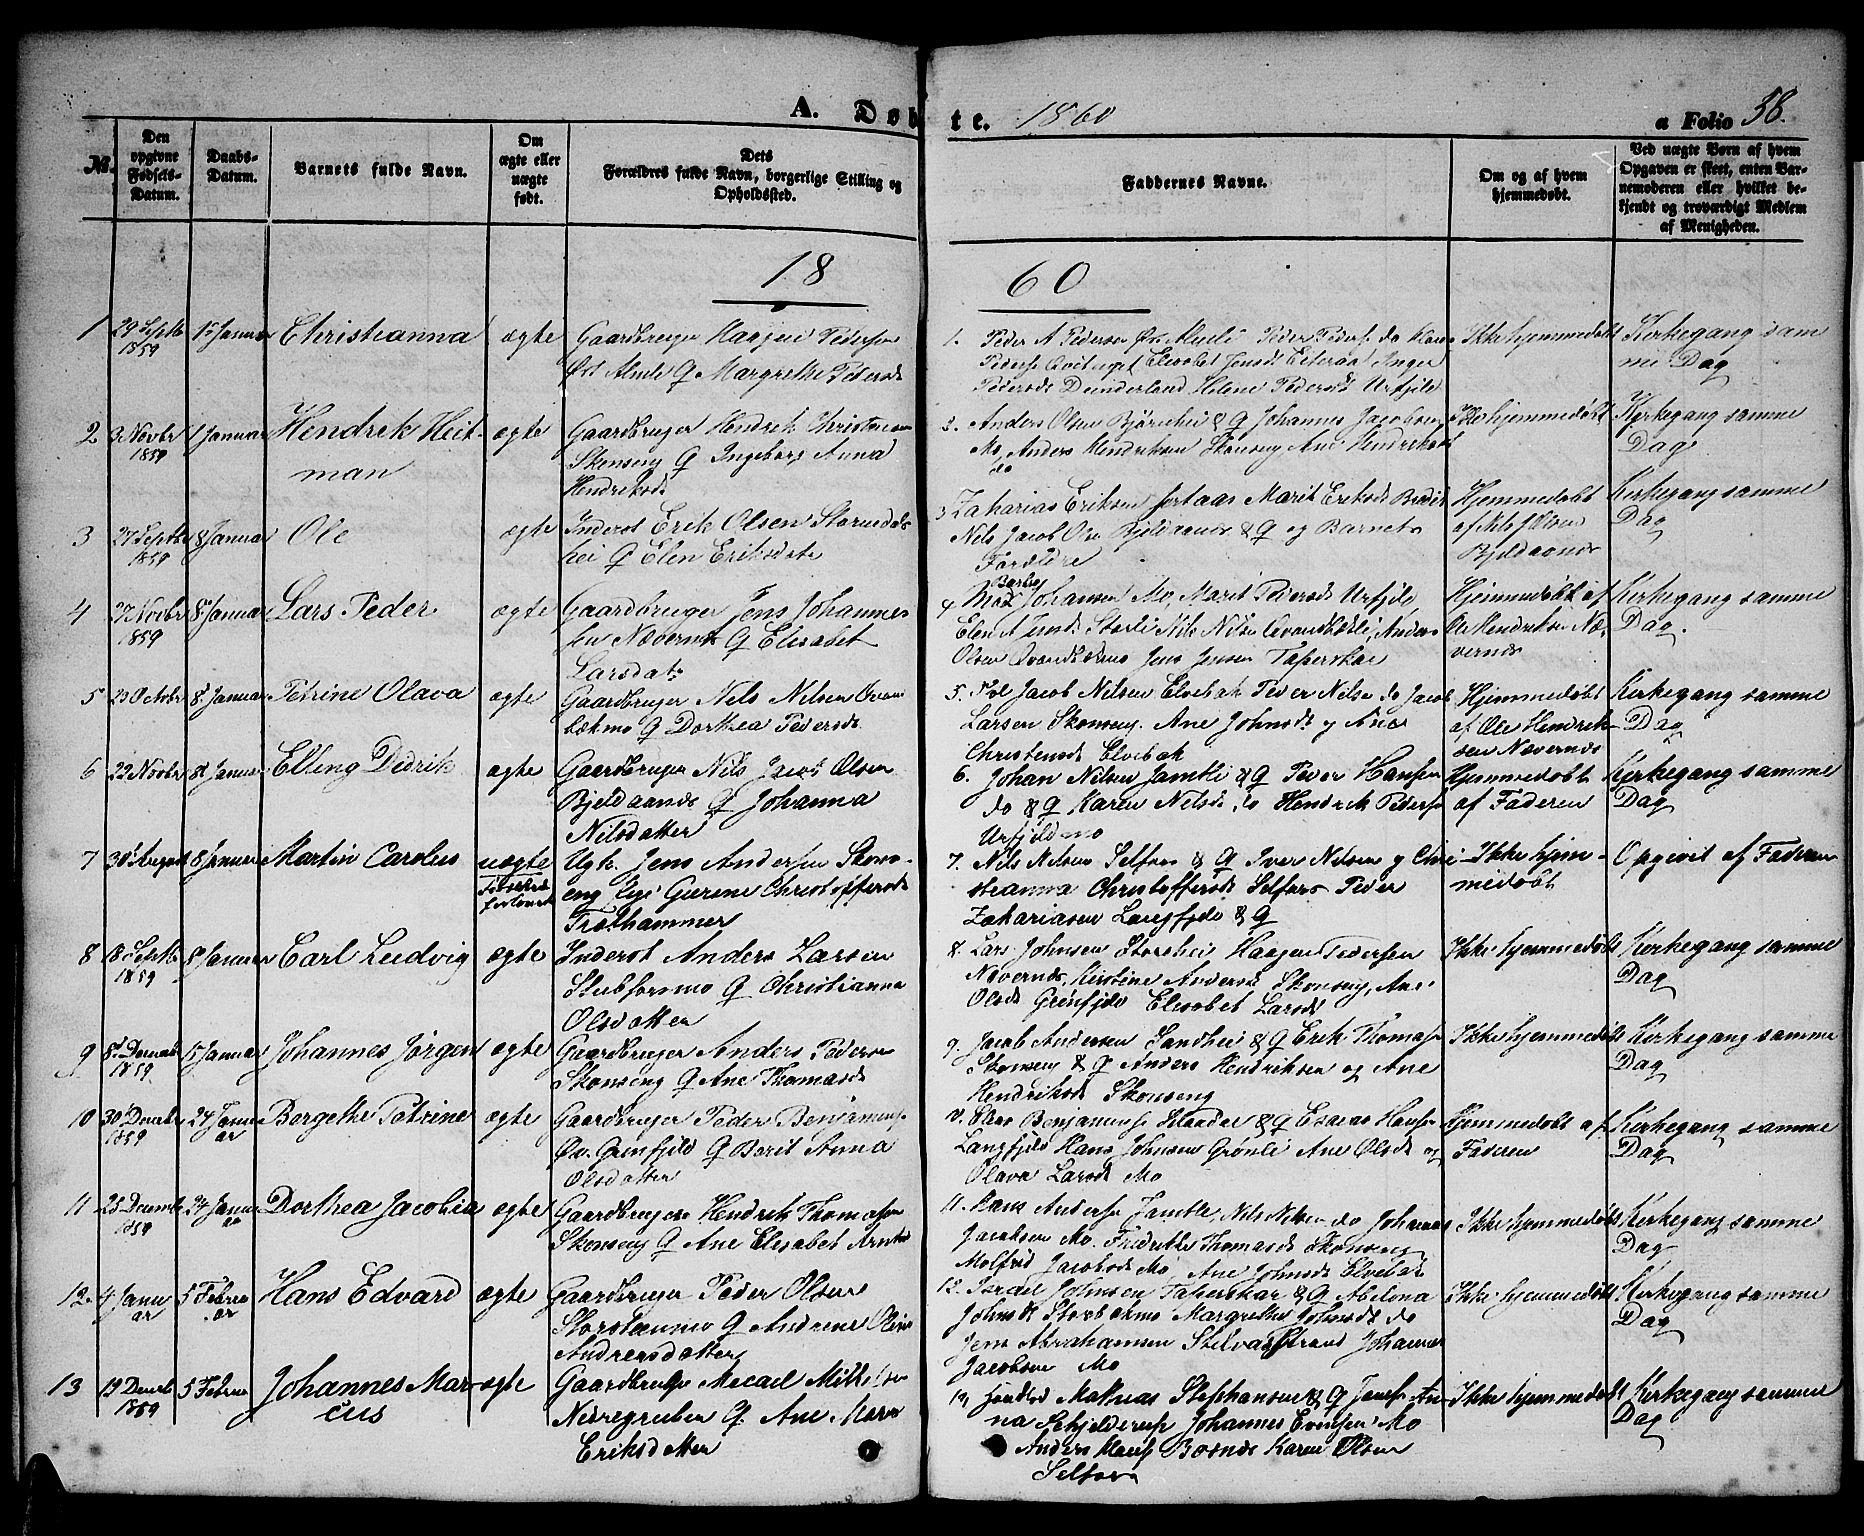 SAT, Ministerialprotokoller, klokkerbøker og fødselsregistre - Nordland, 827/L0414: Parish register (copy) no. 827C03, 1853-1865, p. 58